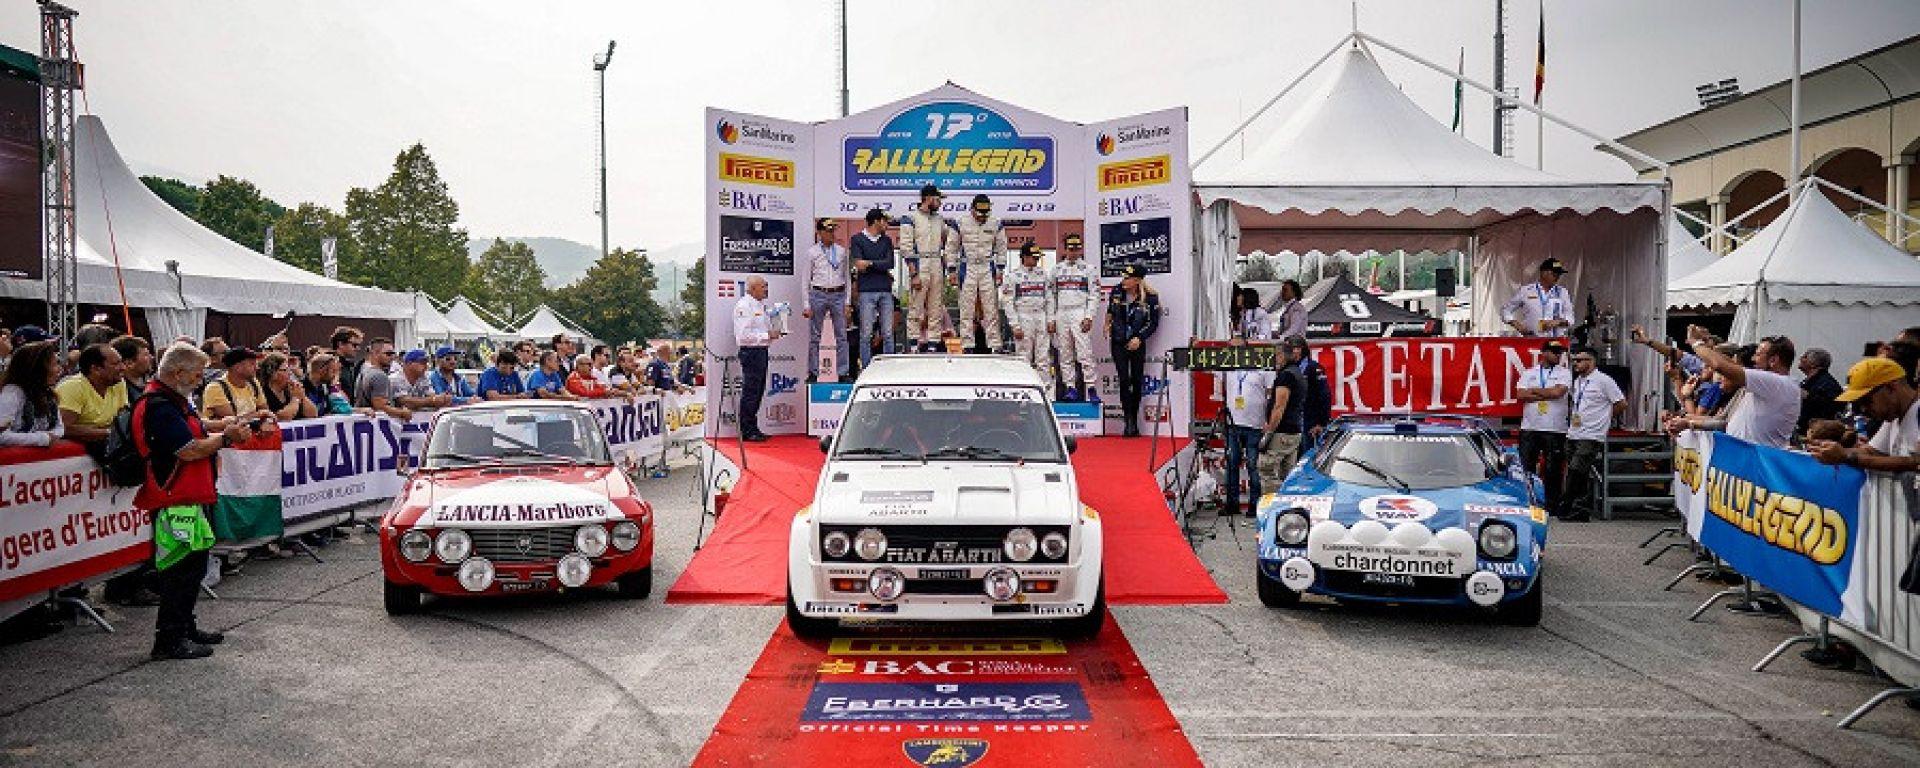 Il podio del RallyLegend 2019